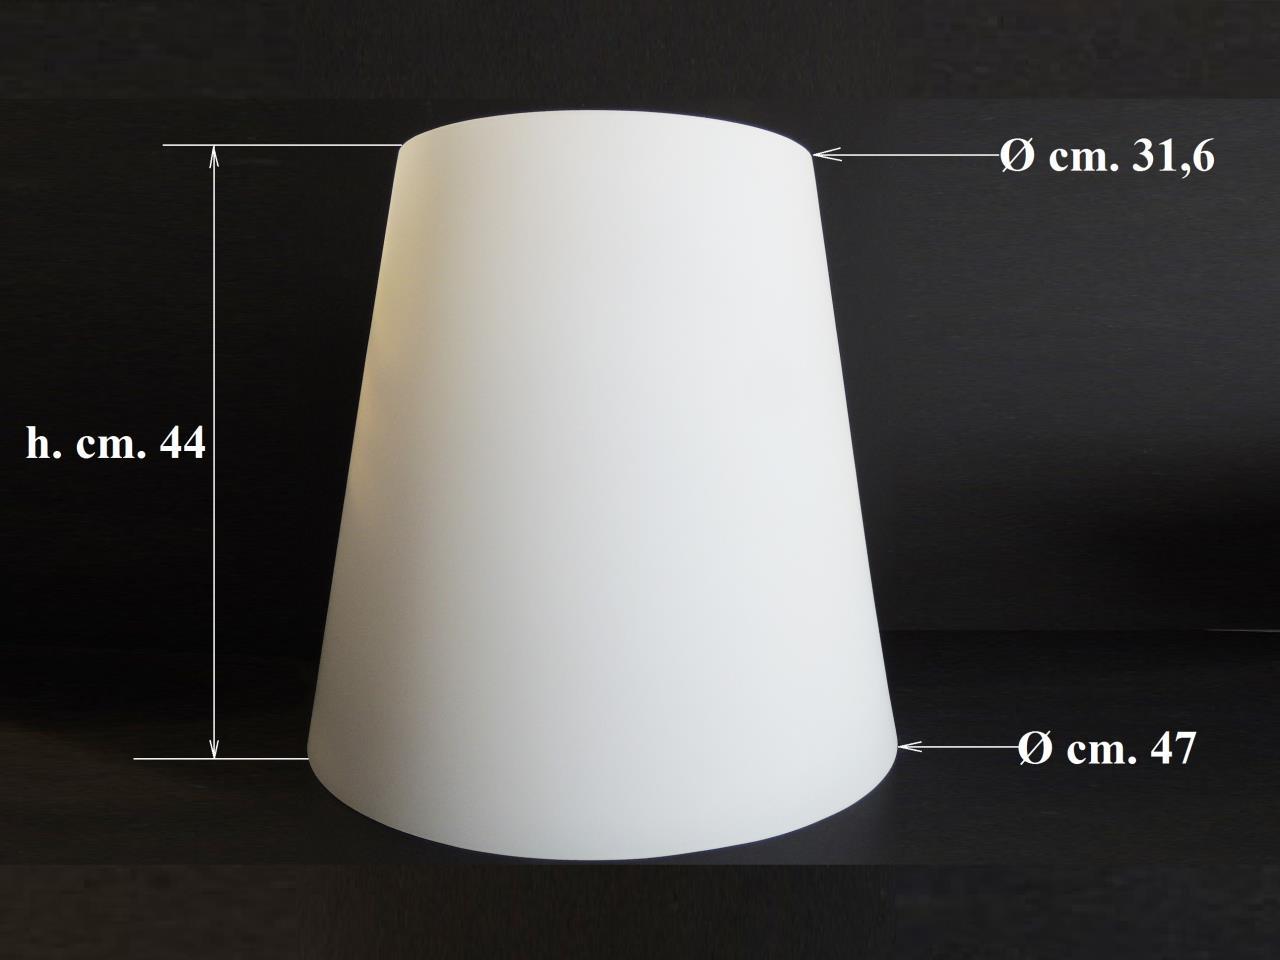 Vetri di ricambio per lampadari: Paralume in vetro bianco per ...